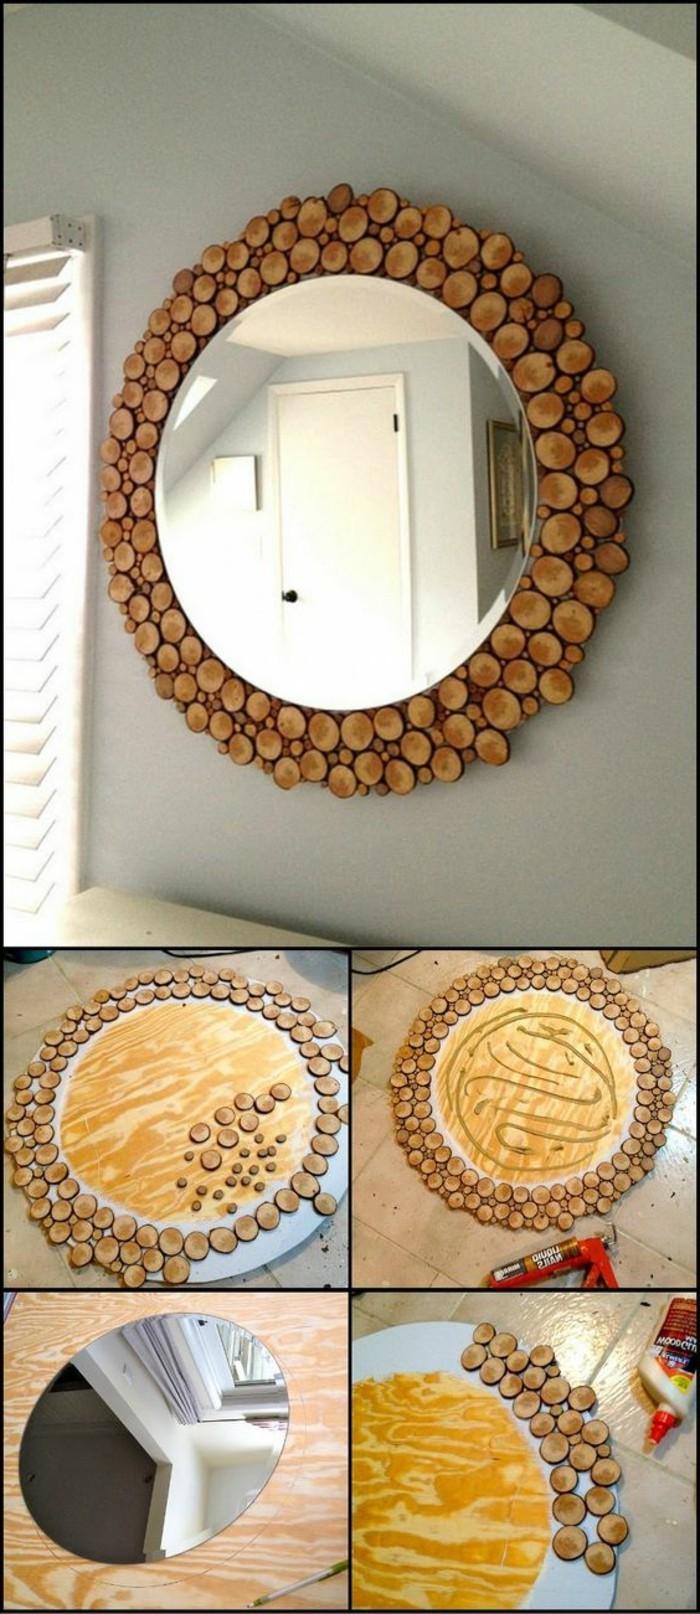 diy-moebel-diy-wohnideen-spiegel-mit-rahmen-aus-baumscheiben